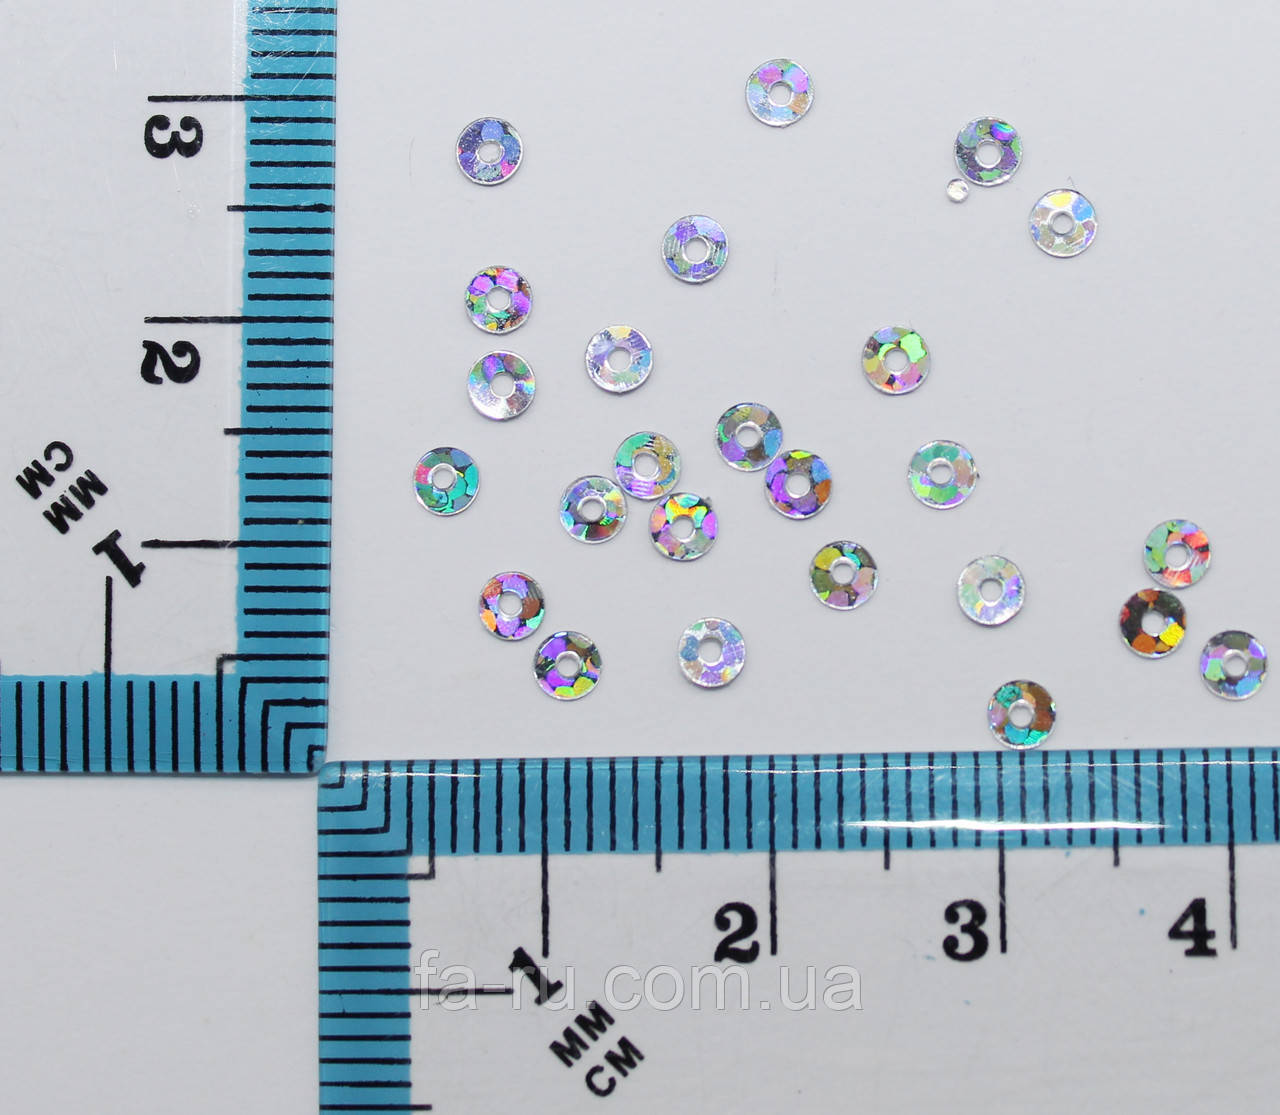 Пайетки круглые с отверстием. Цвет - серебро голограмма, Ø - 3мм, уп/20 грамм. №105